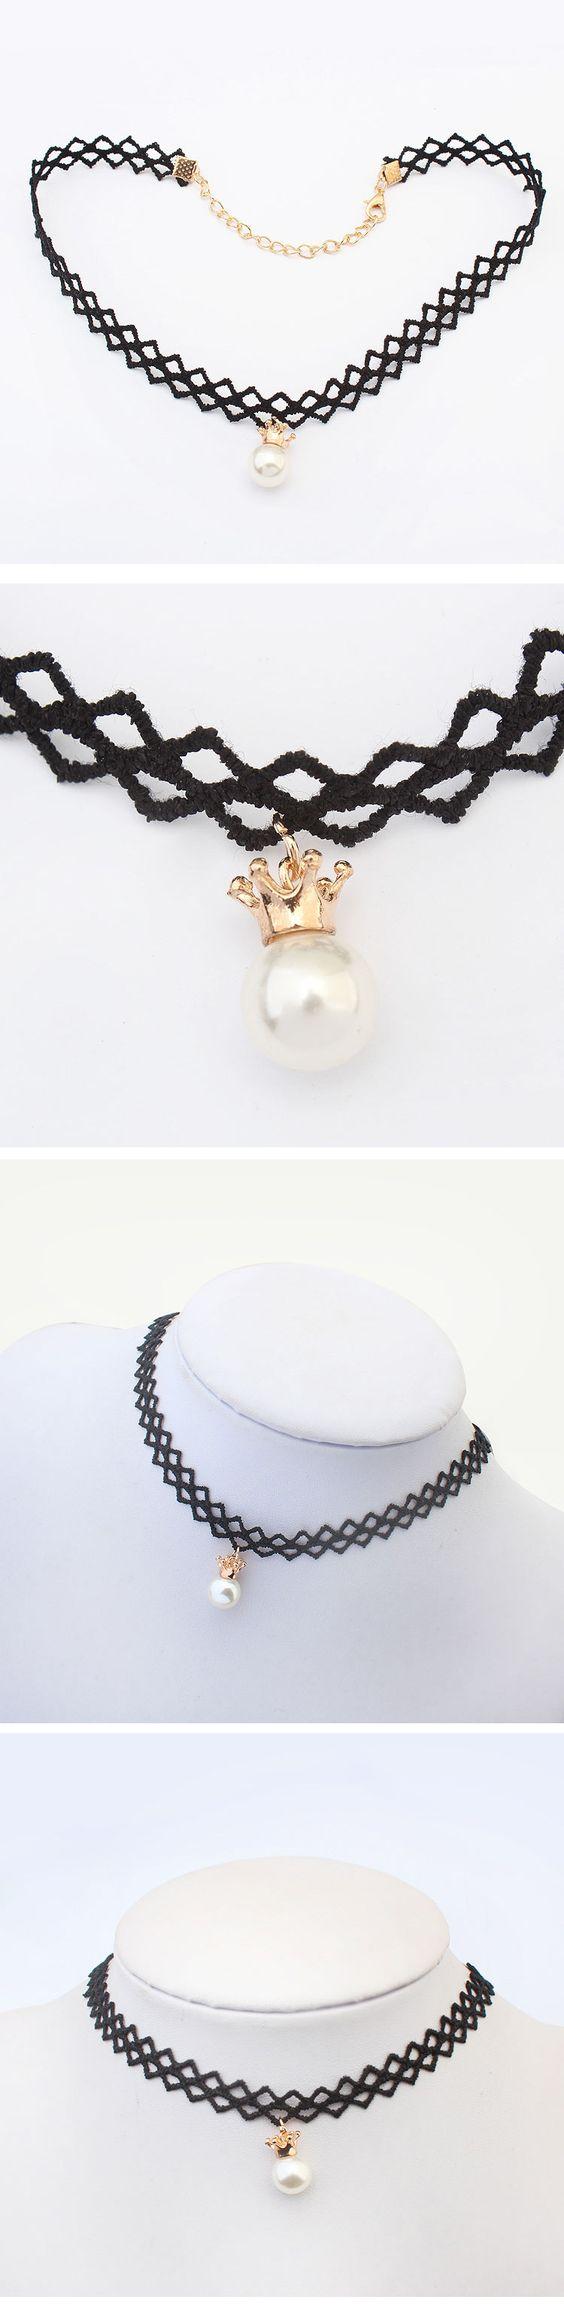 Collar gótico, Encaje, con Perlas de plástico ABS & aleación de zinc, con 6cm extender cadena, Esférico, chapado en oro real, estilo gótico, Negro, 32cm, Vendido para aproximado 12.6 Inch Sarta,Abalorios de joyería por mayor de China: